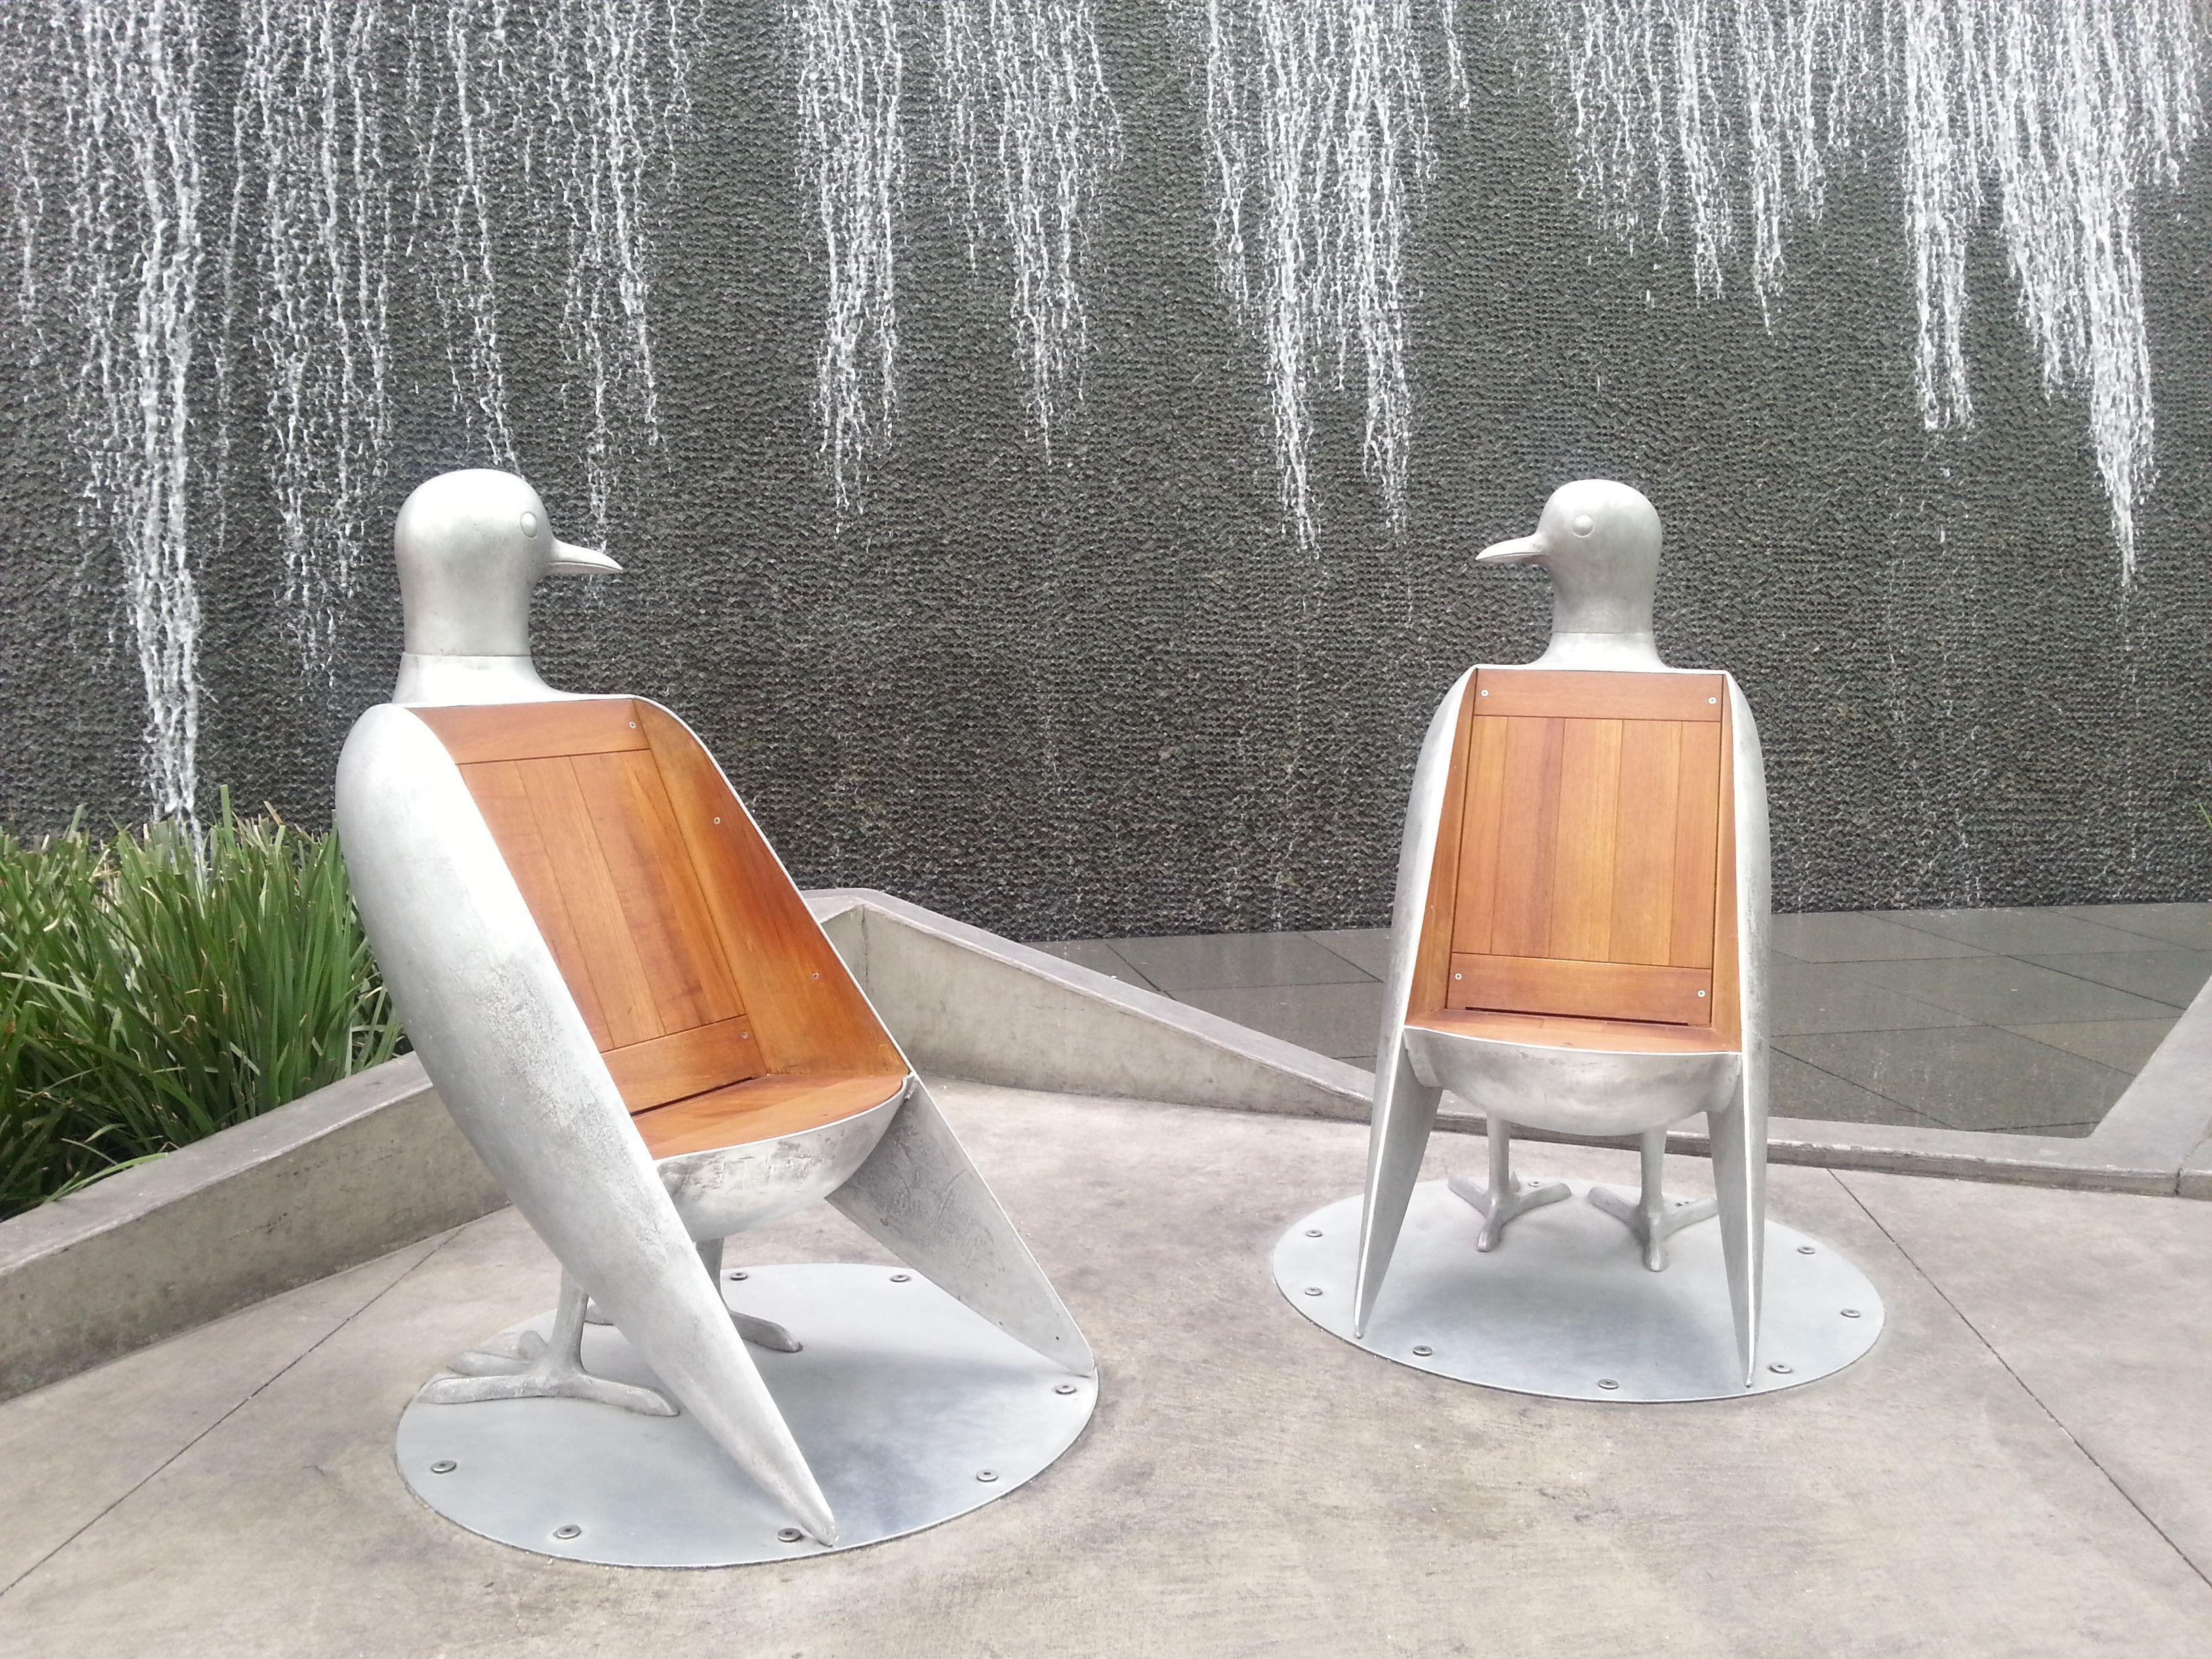 Encantador Muebles De Las Vegas Contemporánea Friso - Muebles Para ...